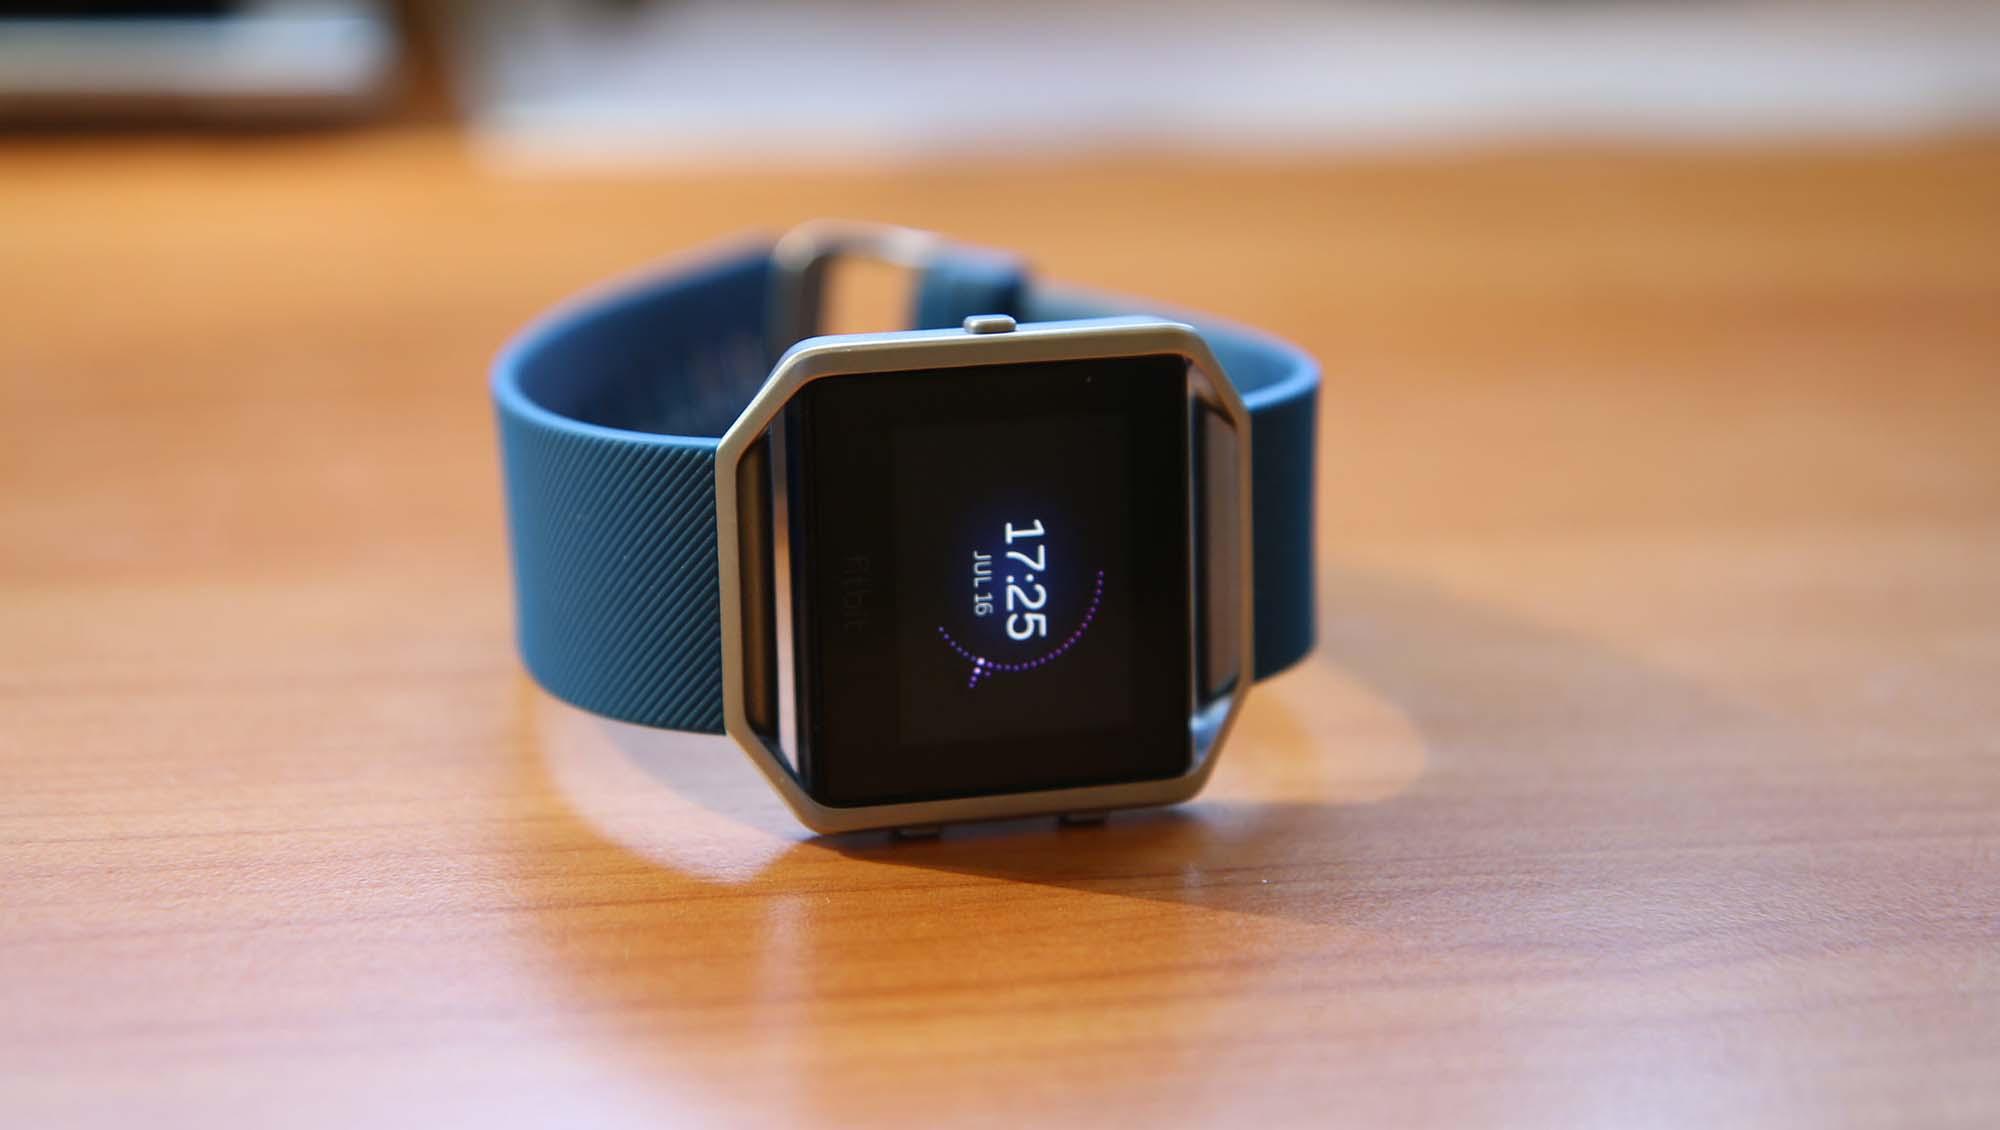 a2379499045bc Le meurtre et l'objet connecté : quand un bracelet Fitbit contredit ...